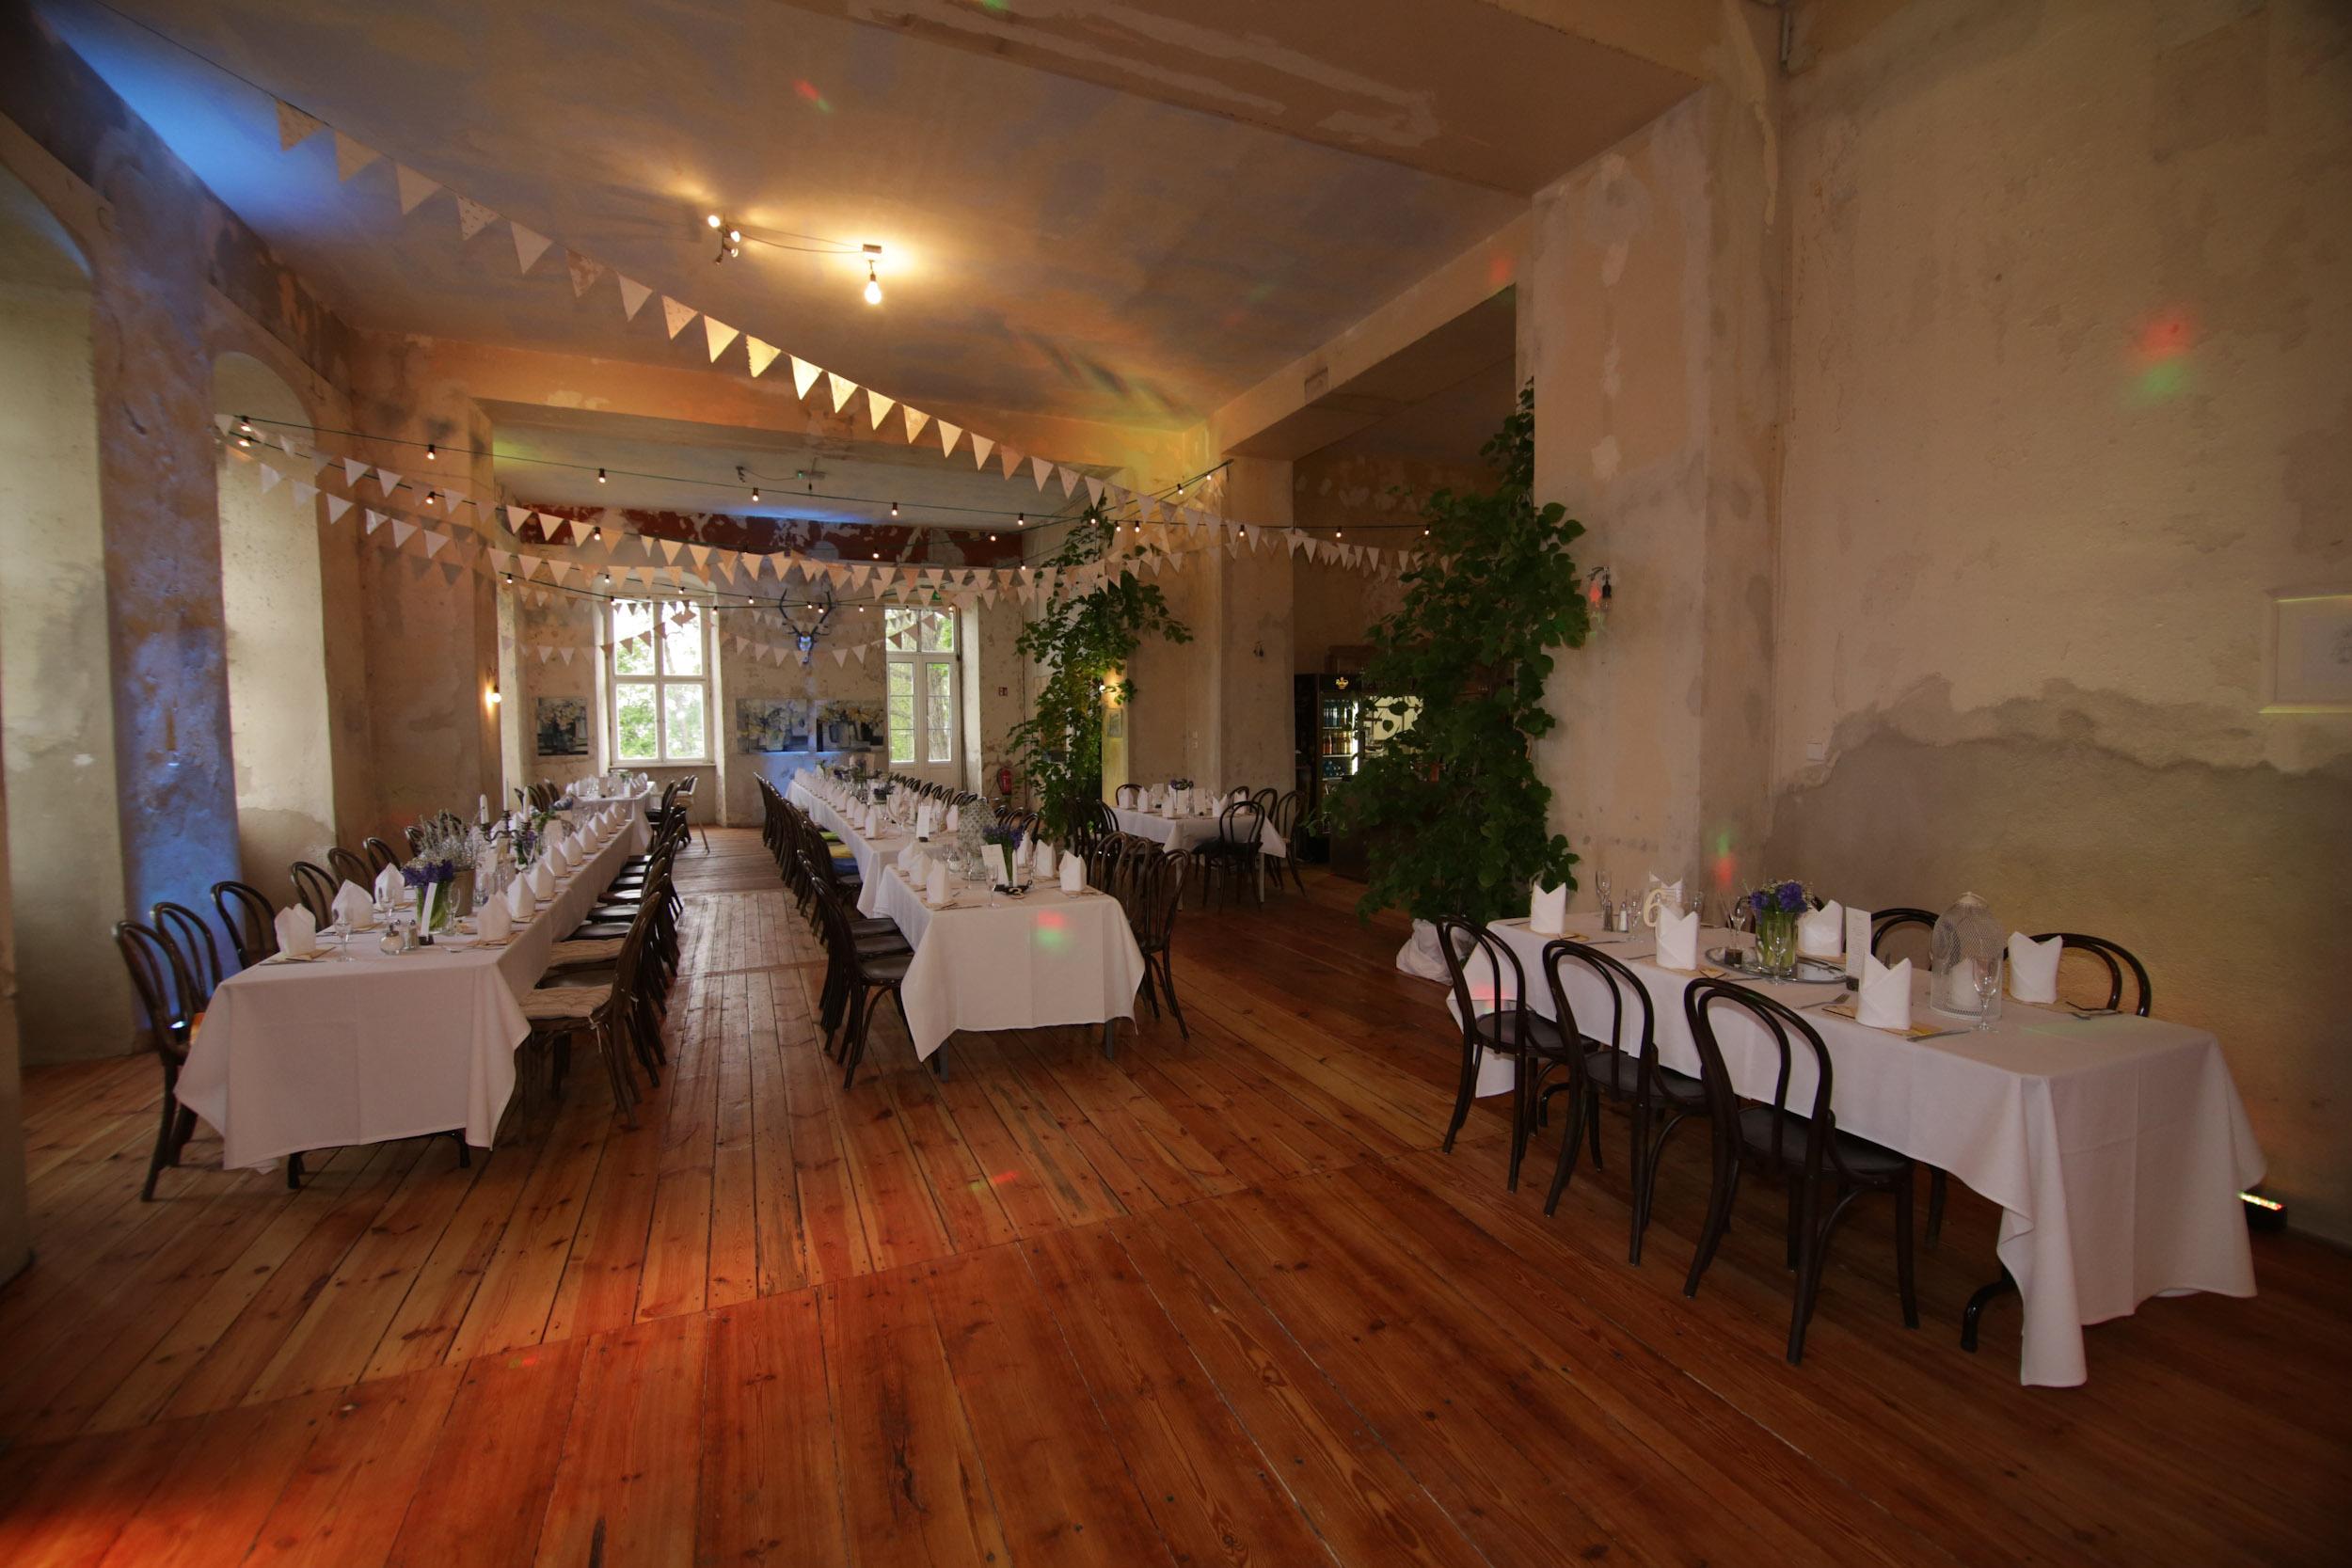 Saal im Schloß / Restaurant